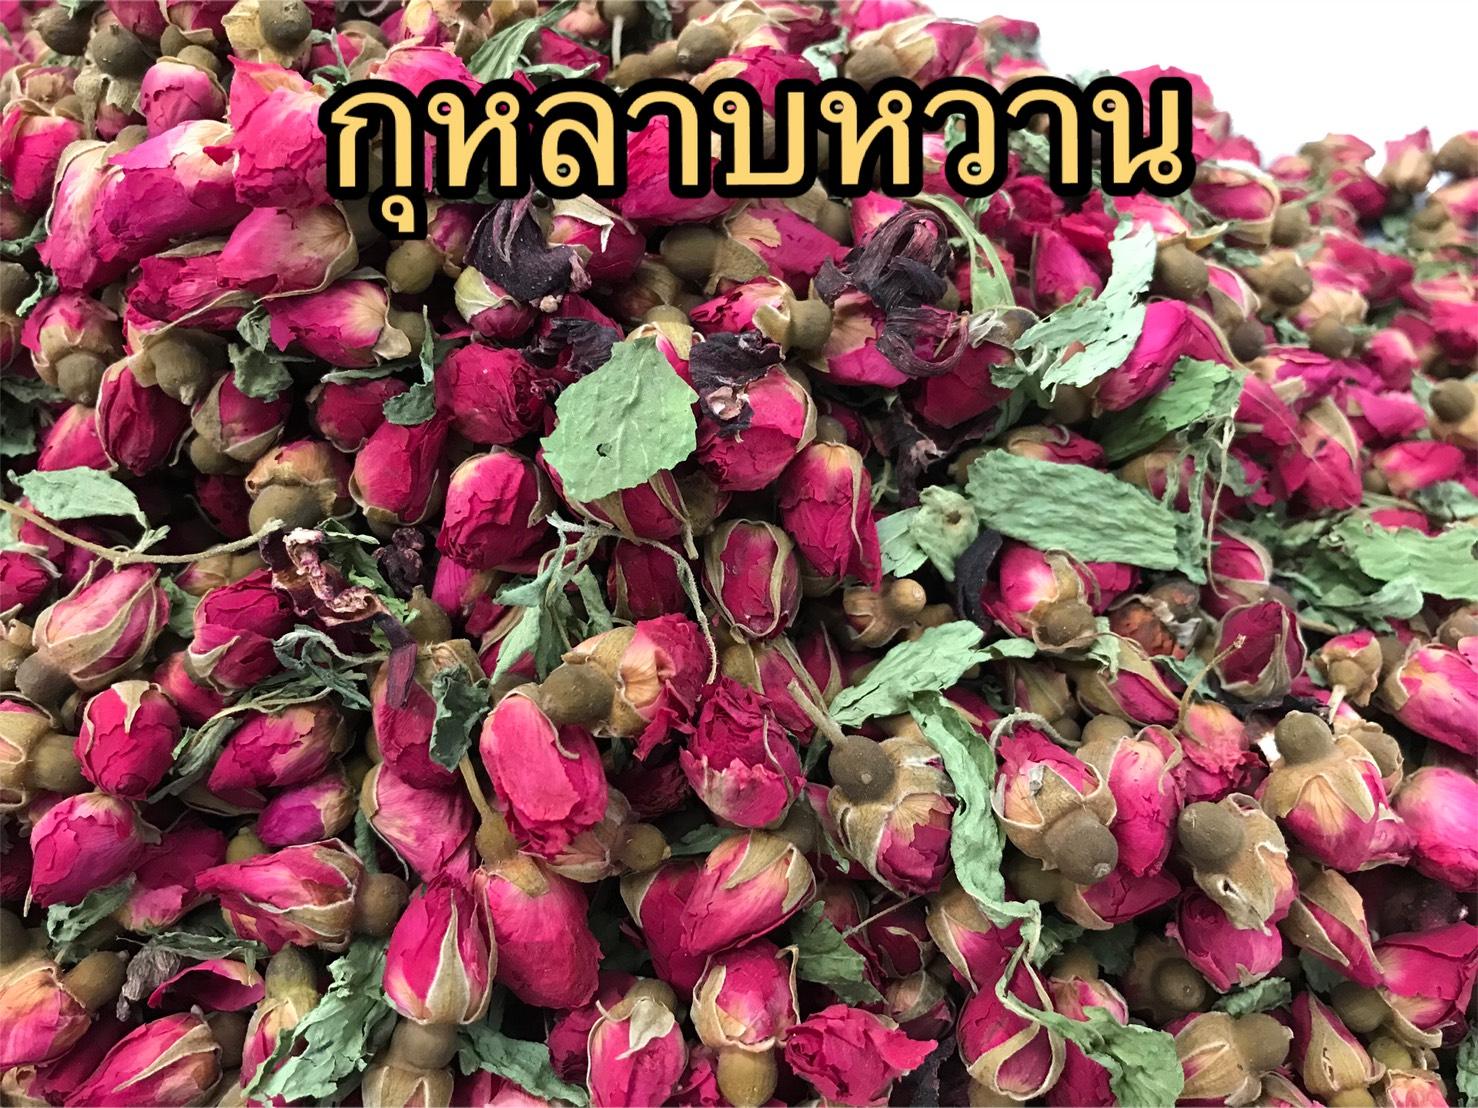 ชากุหลาบหวาน (กิโล) (กุหลาบ หญ้าหวาน กระเจี๊ยบ)